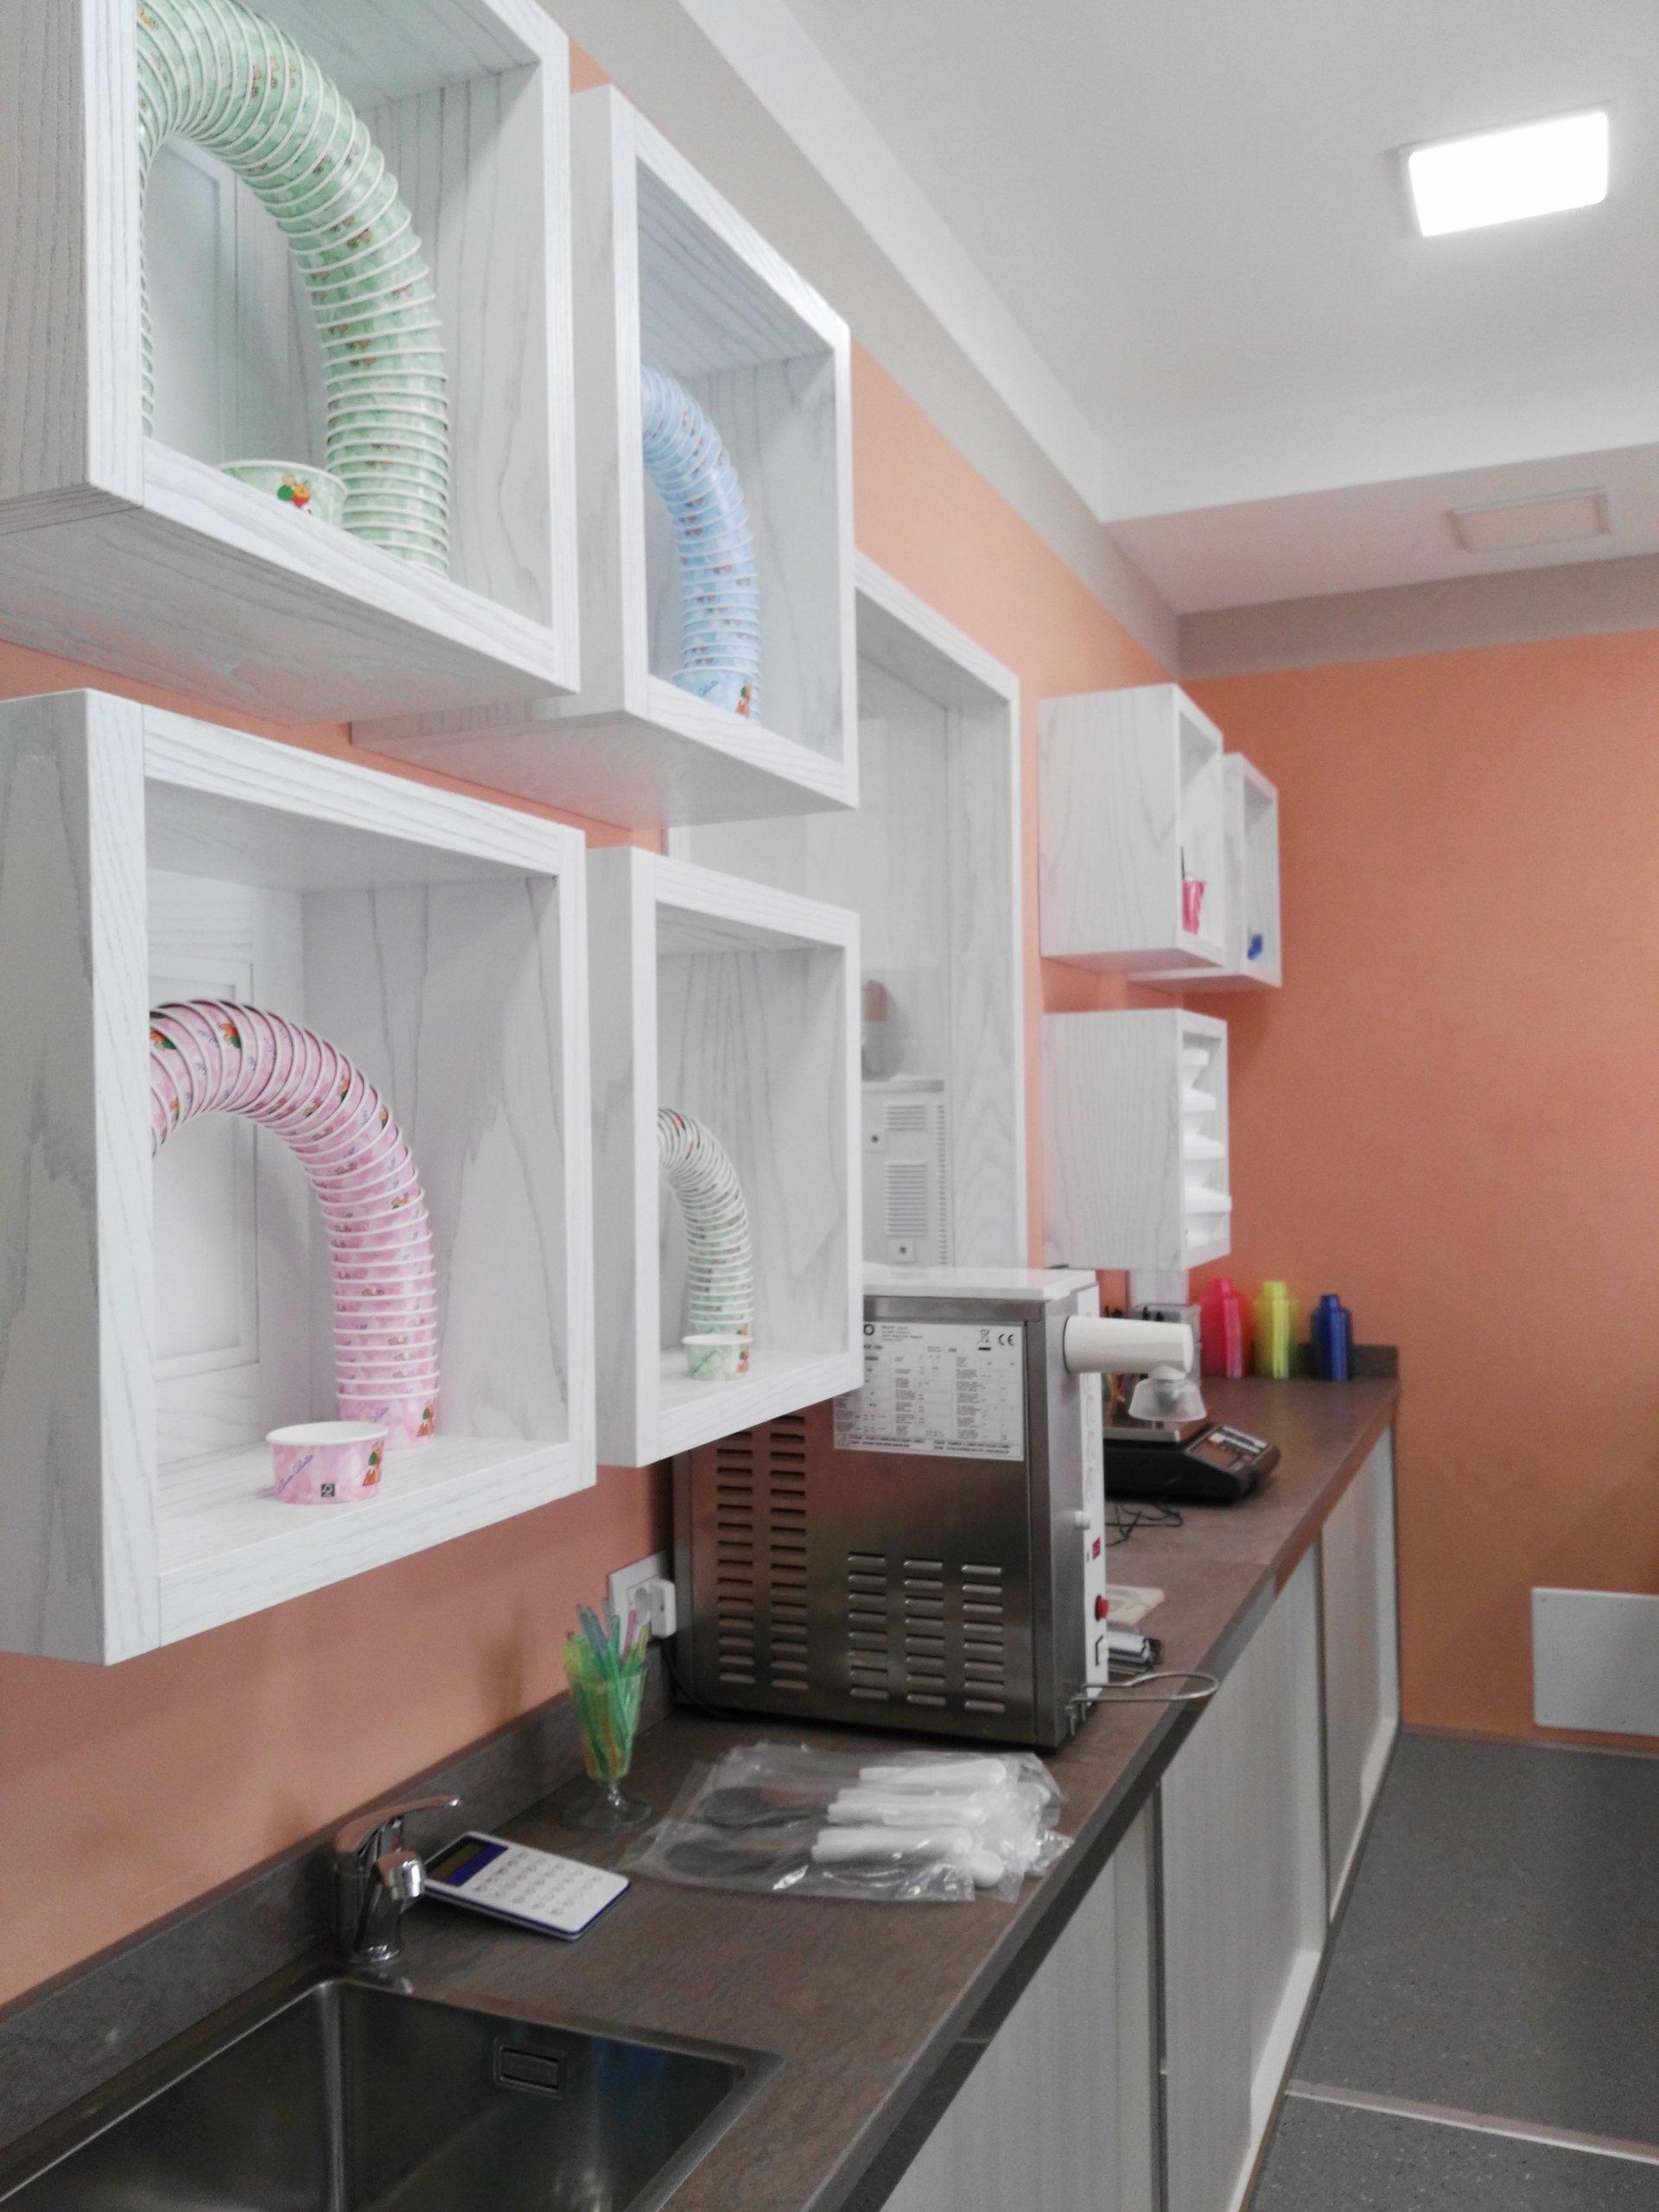 Vista laterale del banco della gelateria ed espositori con coppette